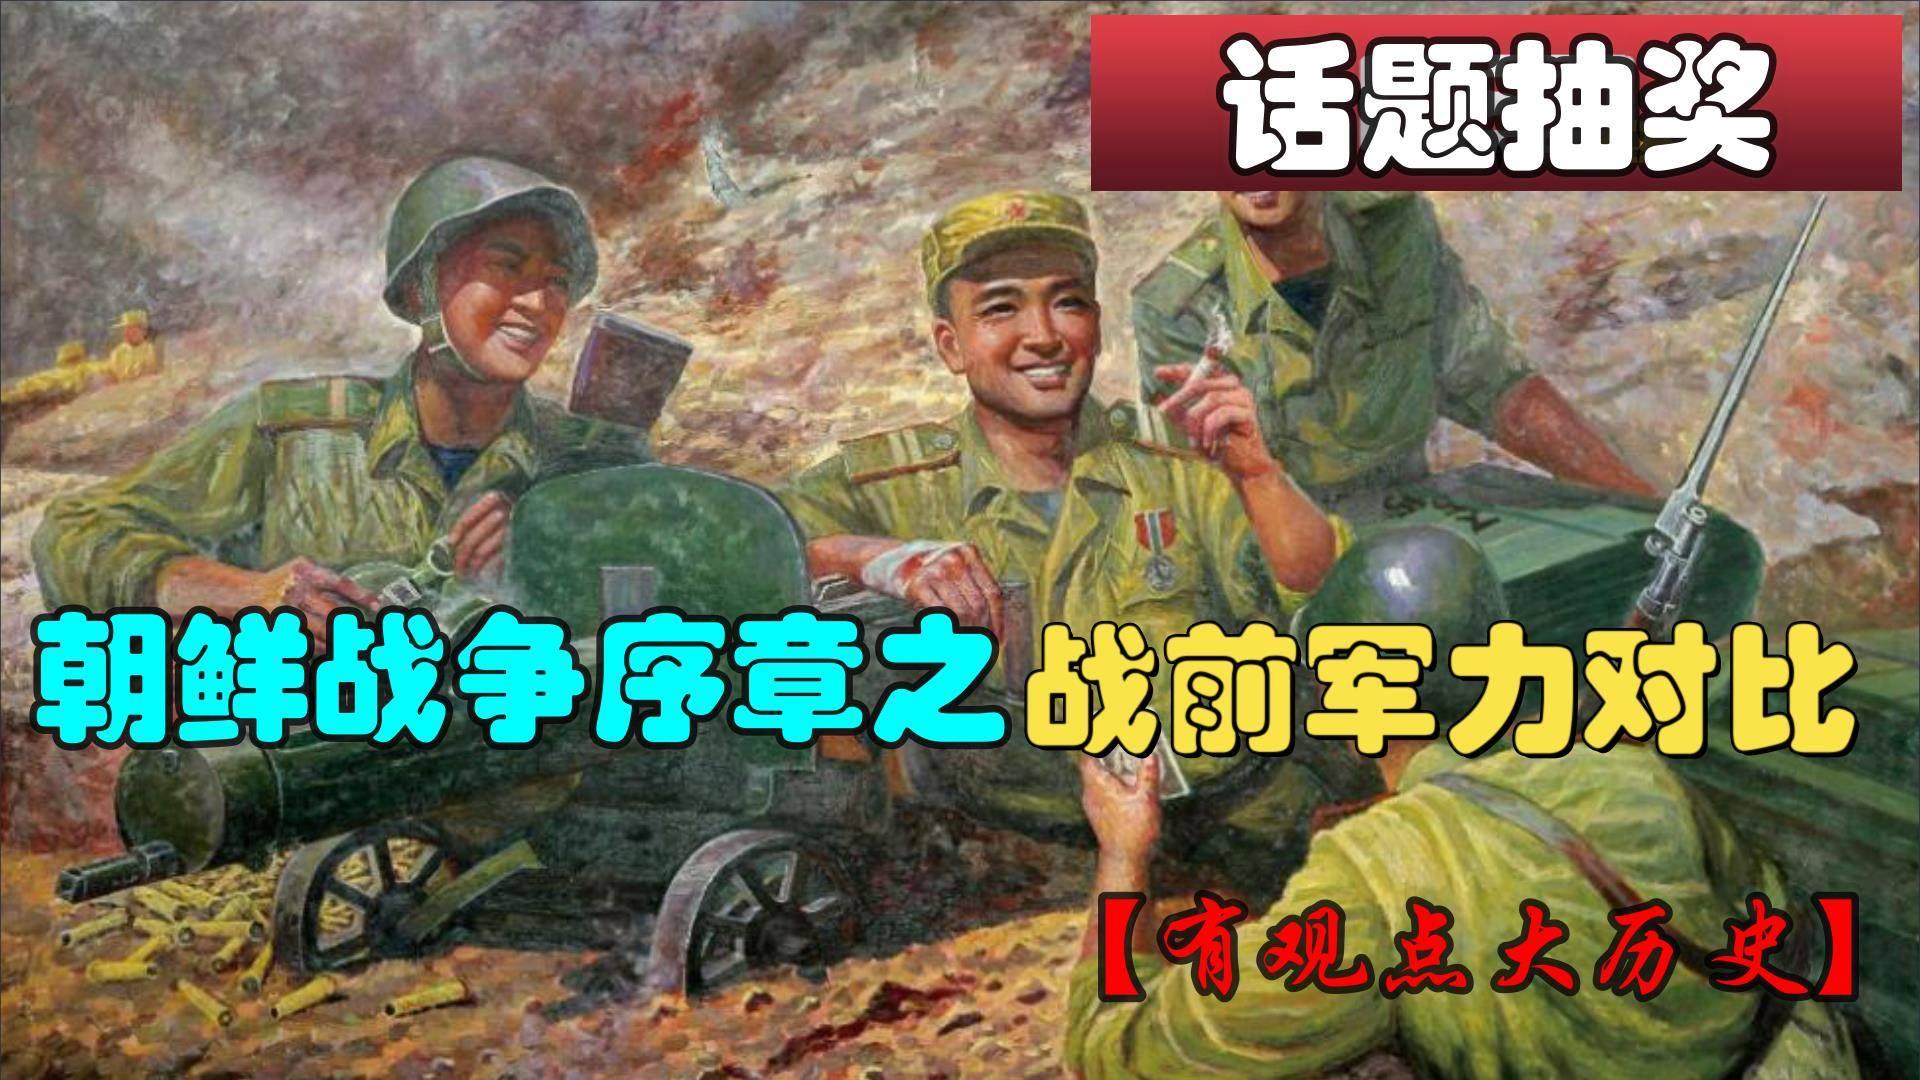 #话题抽奖#朝鲜战争序章--朝韩军队战前实力对比